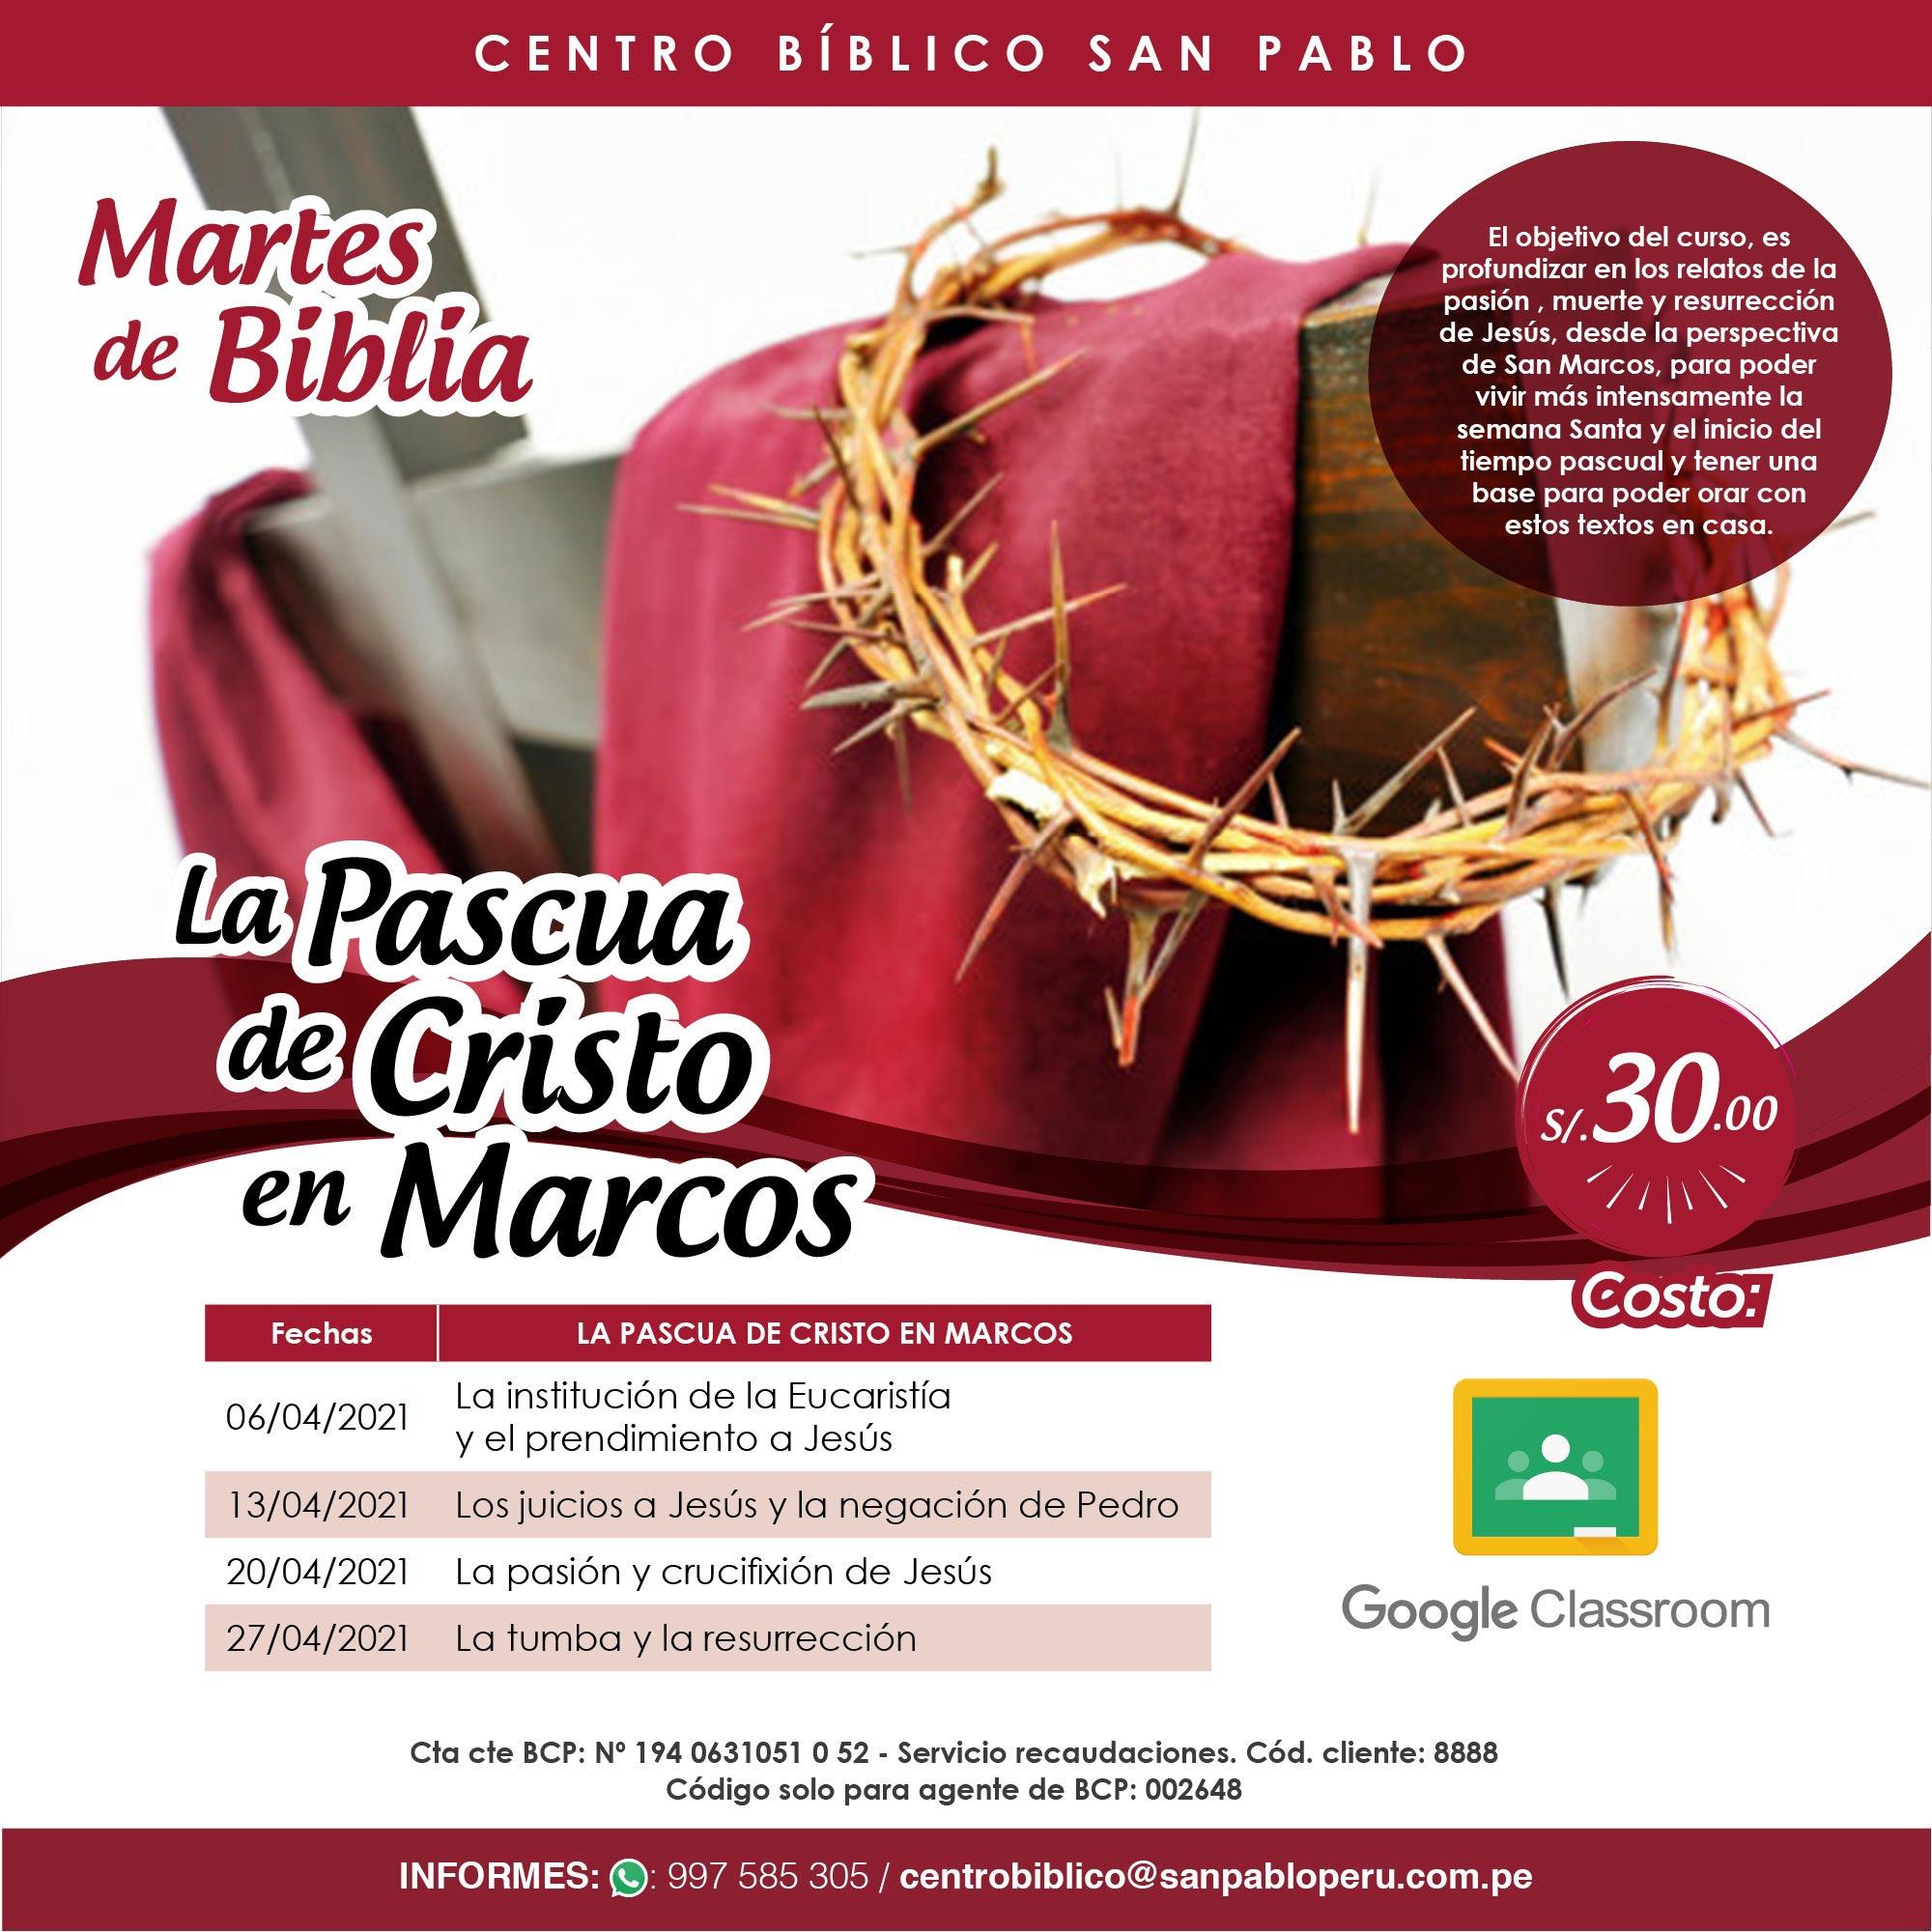 La Pascua de Cristo en Marcos